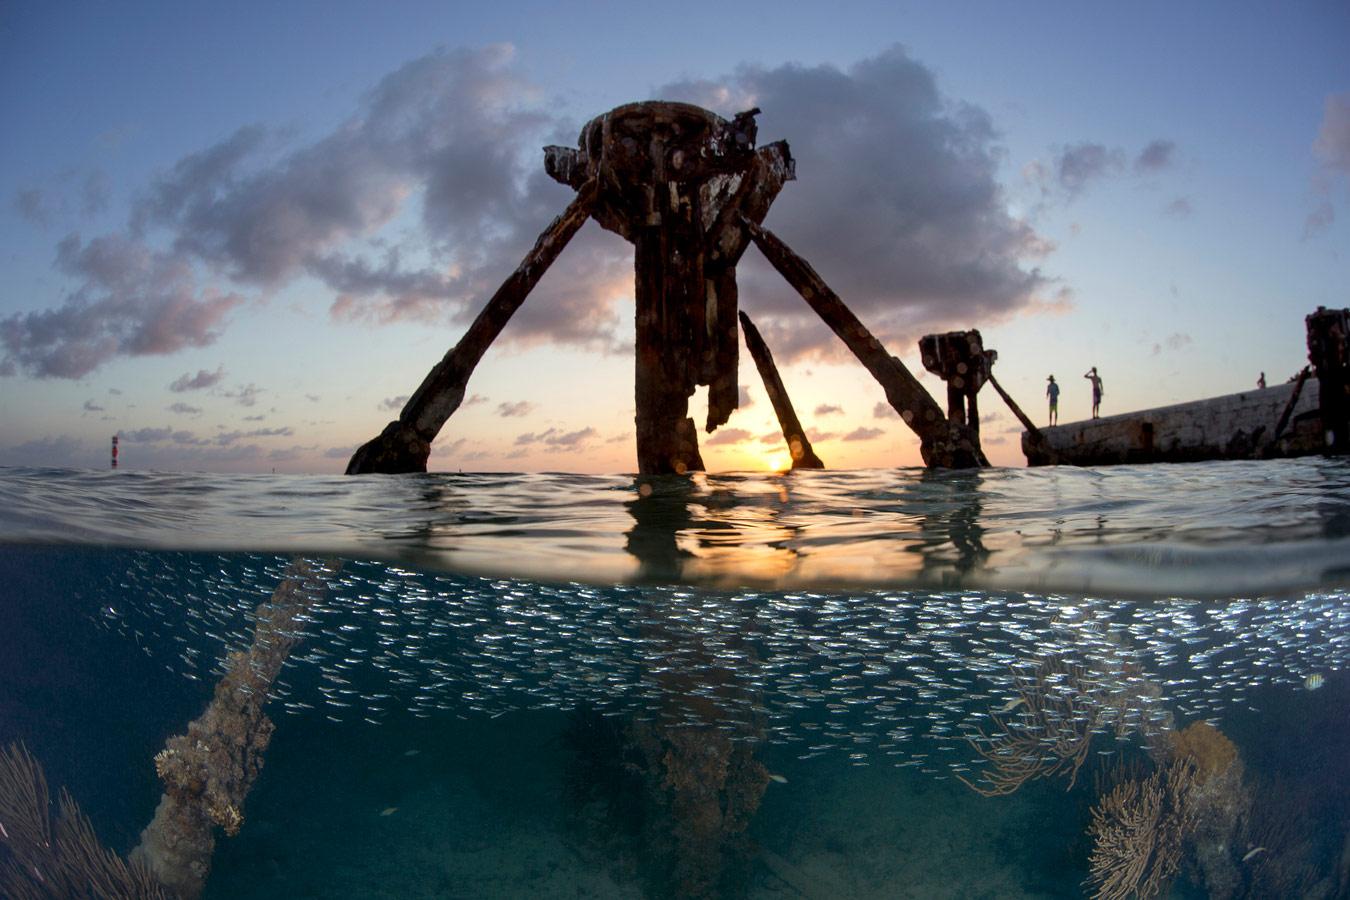 Мечта, © Кати Данса Галли, Форт-Майерс, США, Финалист категории «Подводная» : любитель, Фотоконкурс «Великие просторы» — пейзажи и живая природа — The Great Outdoors